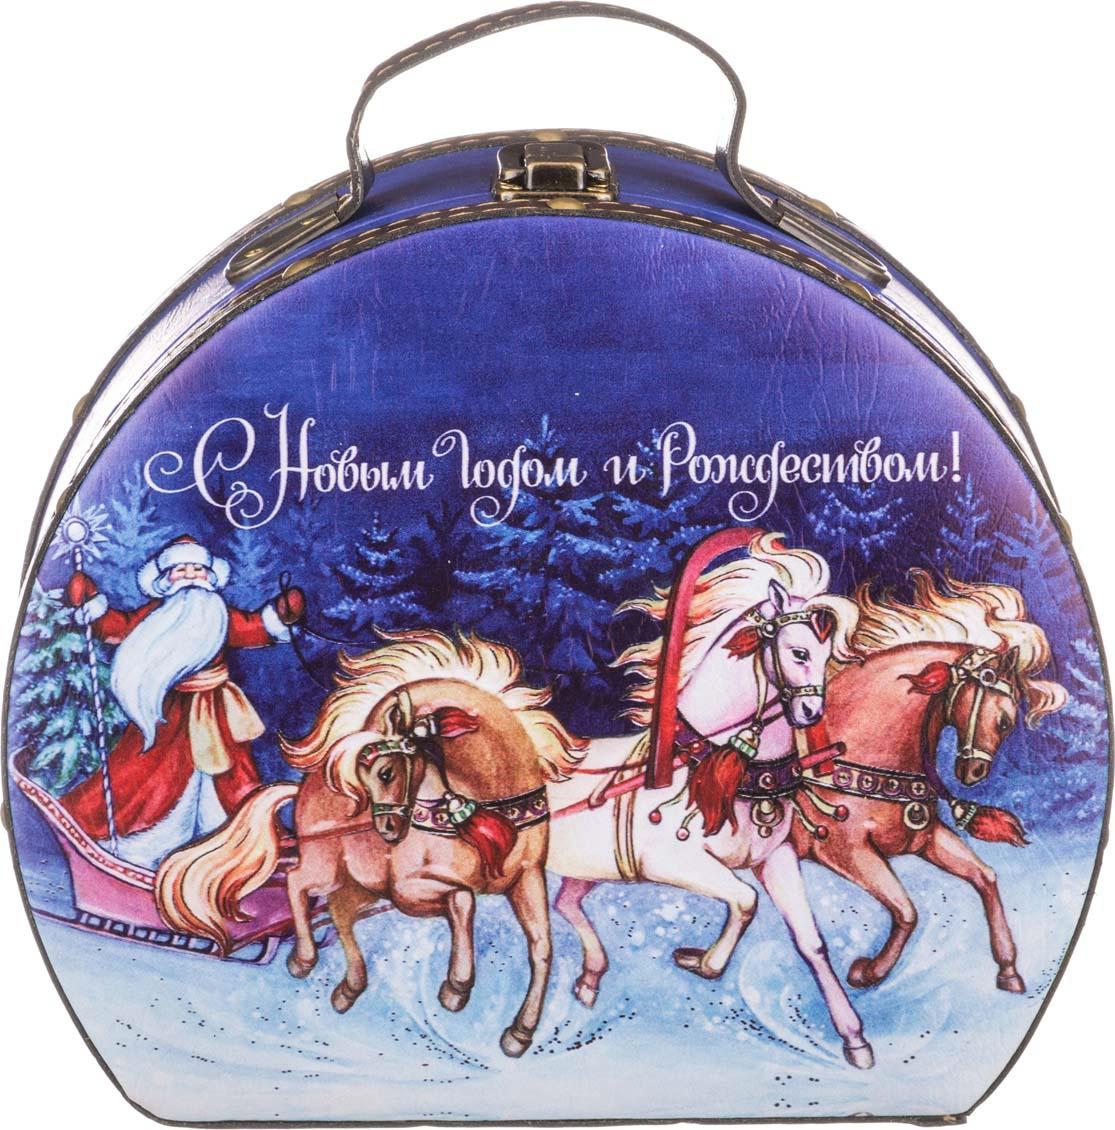 Фото - Шкатулка Lefard С новым годом, 41-341, разноцветный шкатулка с фоторамкой lefard happy kid 222 711